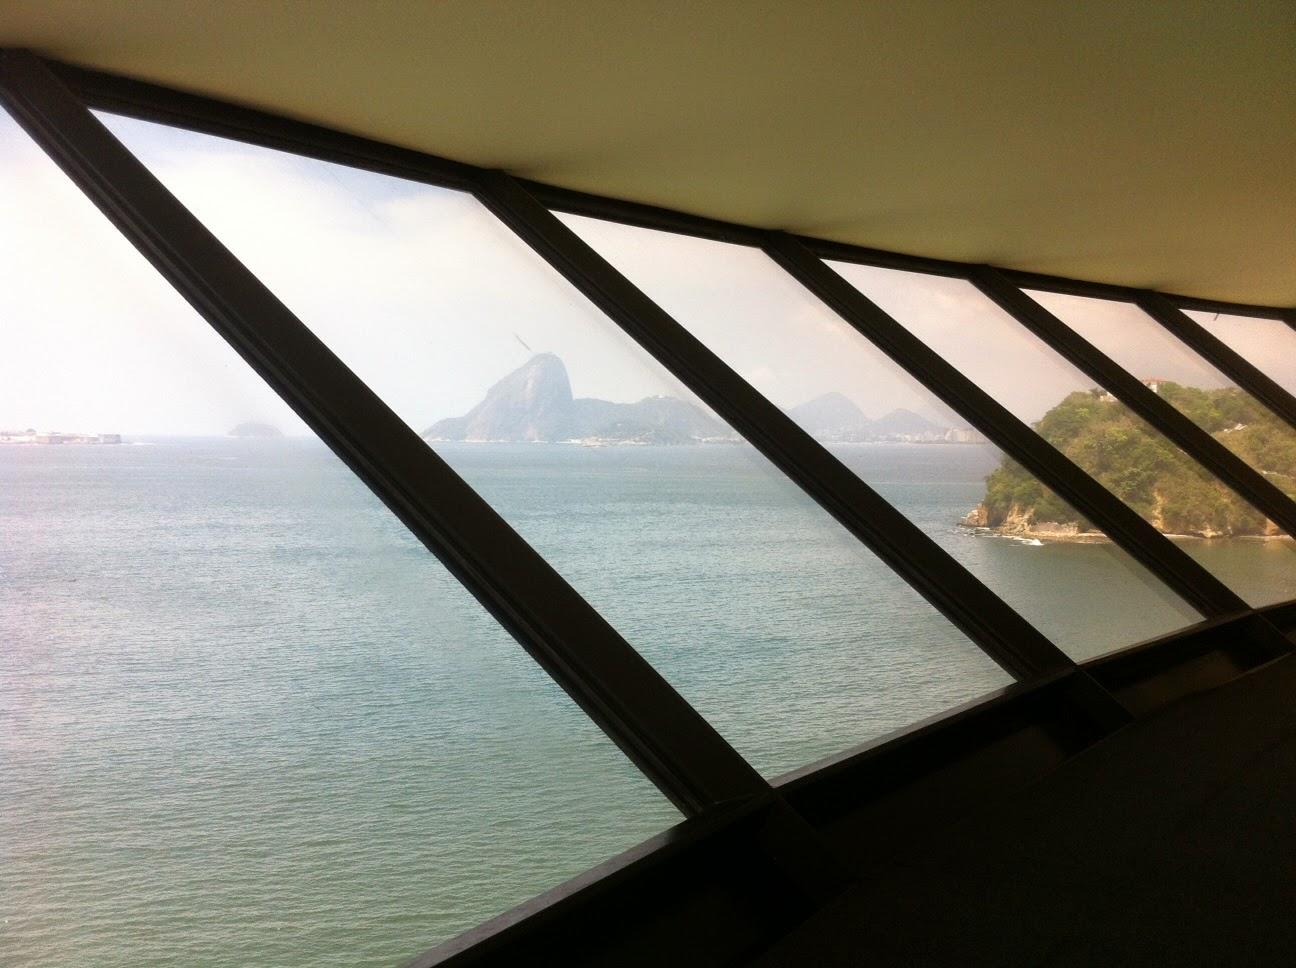 Descrição da Foto: Vista da janela de dentro do museu, elas estão lado-a-lado, em formato retangular vertical inclinadas para fora. Podemos observar do outro lado o mar, uma montanha do lado direito arborizada, no centro ao fundo o Pão de Açúcar.